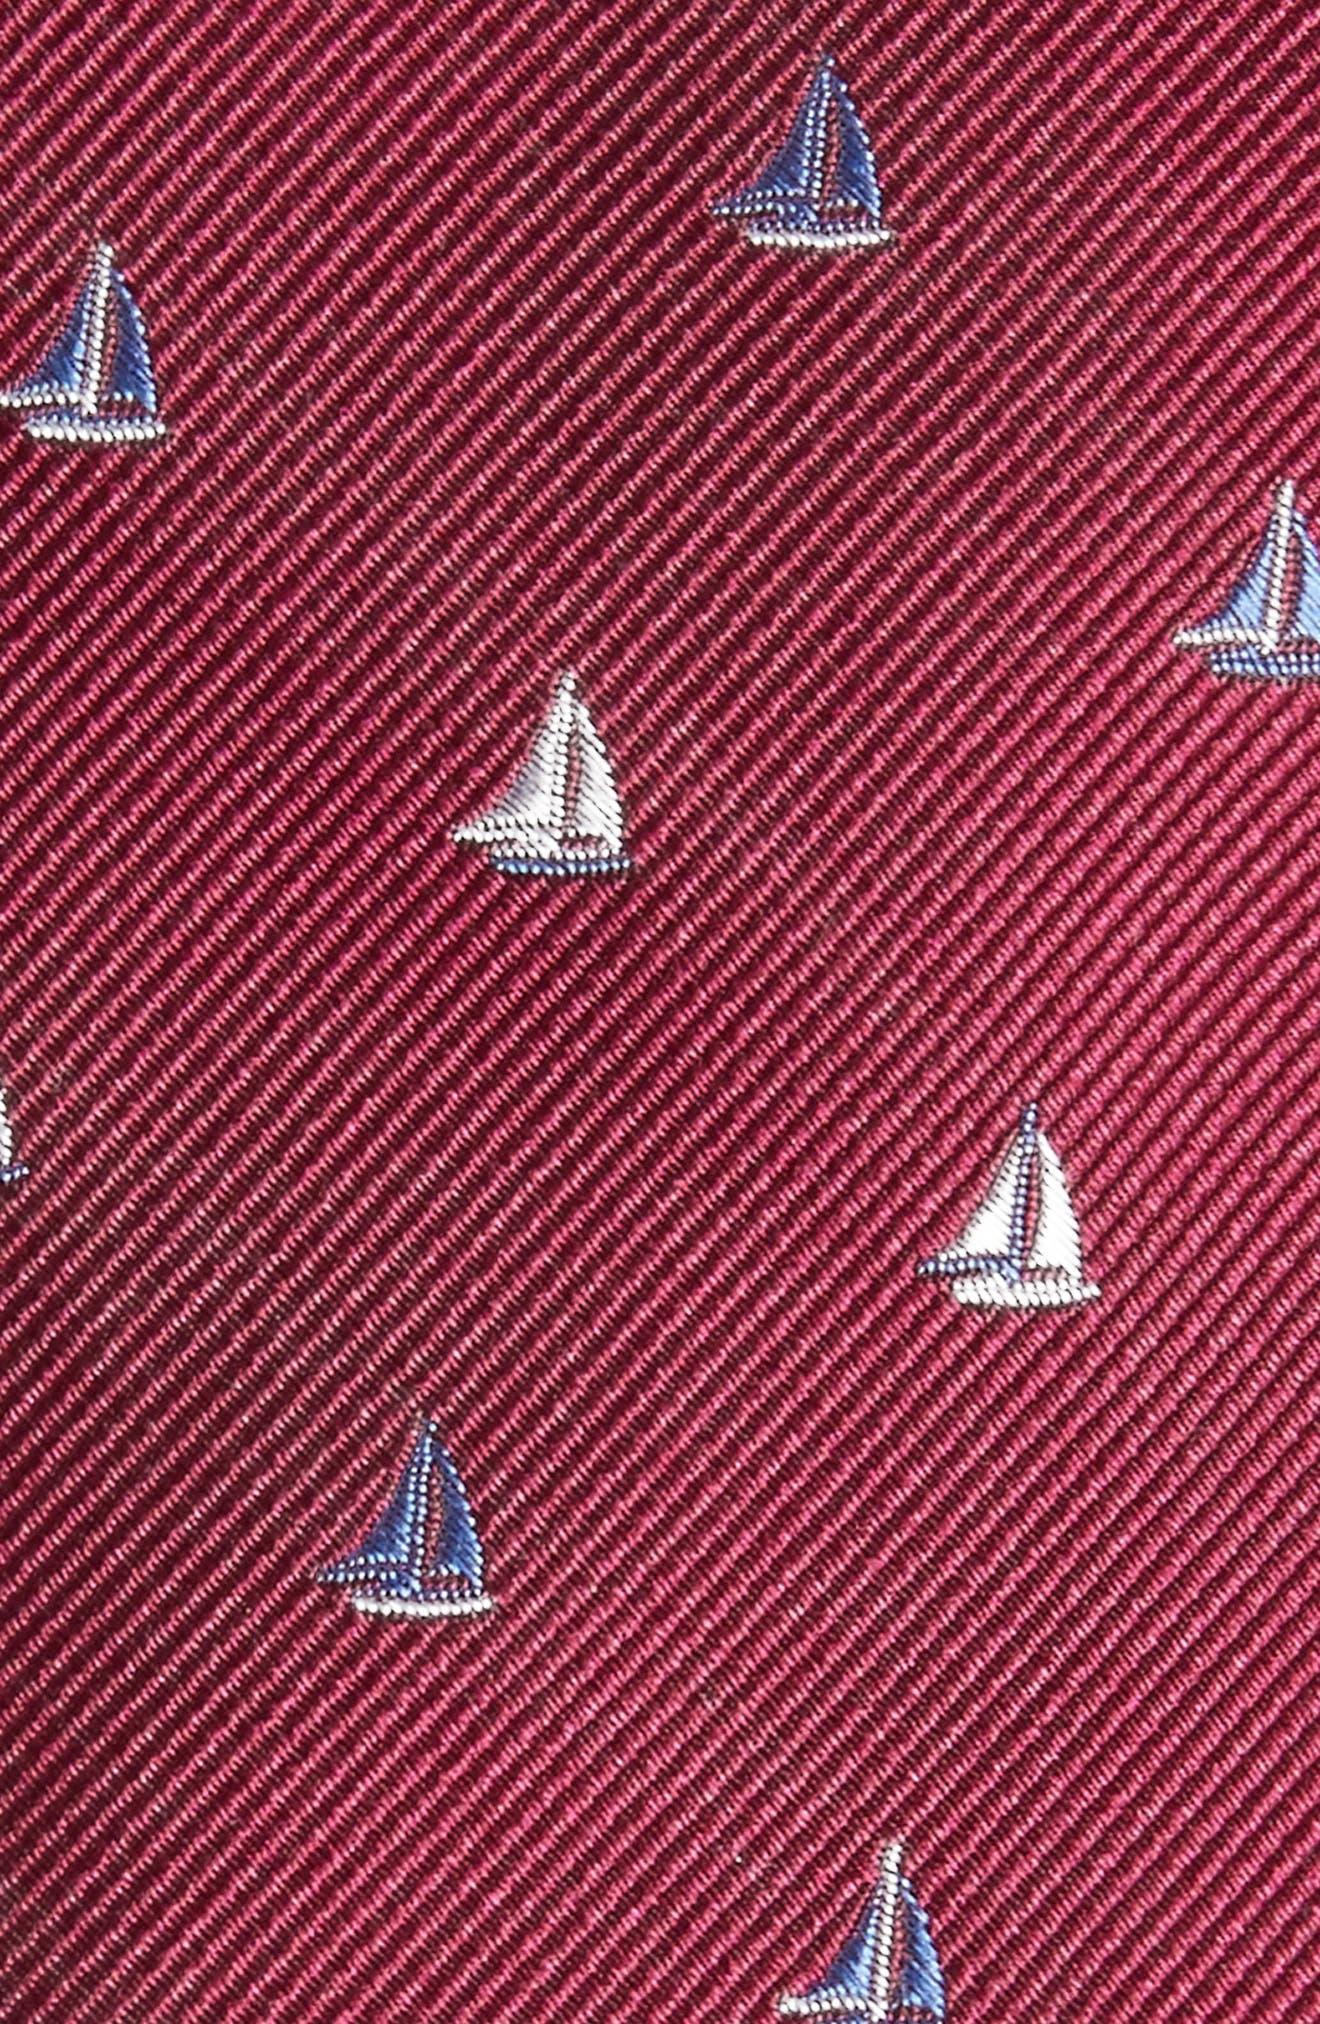 Alternate Image 2  - Nordstrom Men's Shop Sailboat Silk Skinny Tie